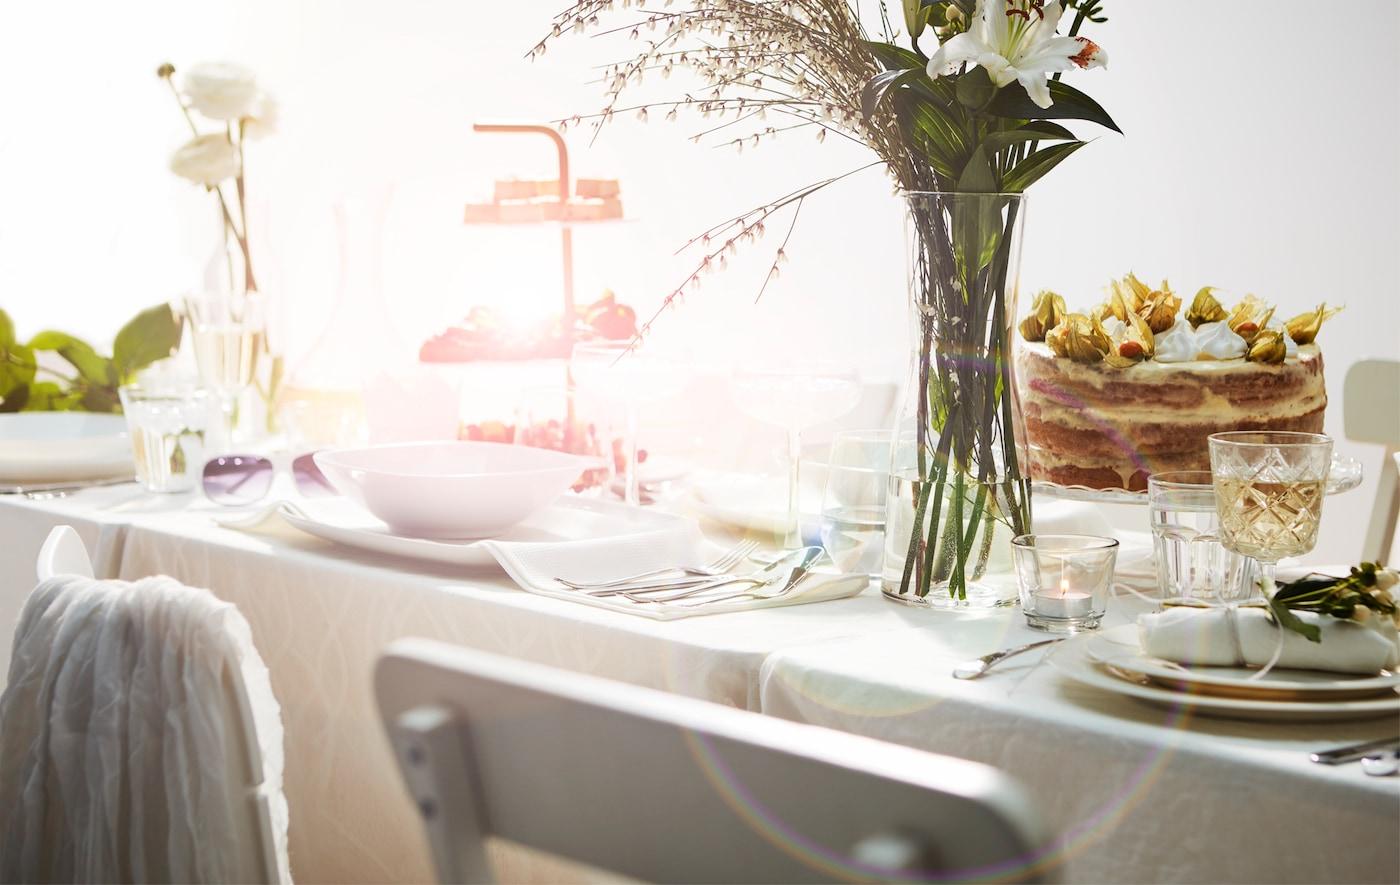 Parte de uma mesa comprida, arranjada num estilo romântico e requintado, com móveis, toalha, loiça, bolo, prato de bolos e flores em branco.